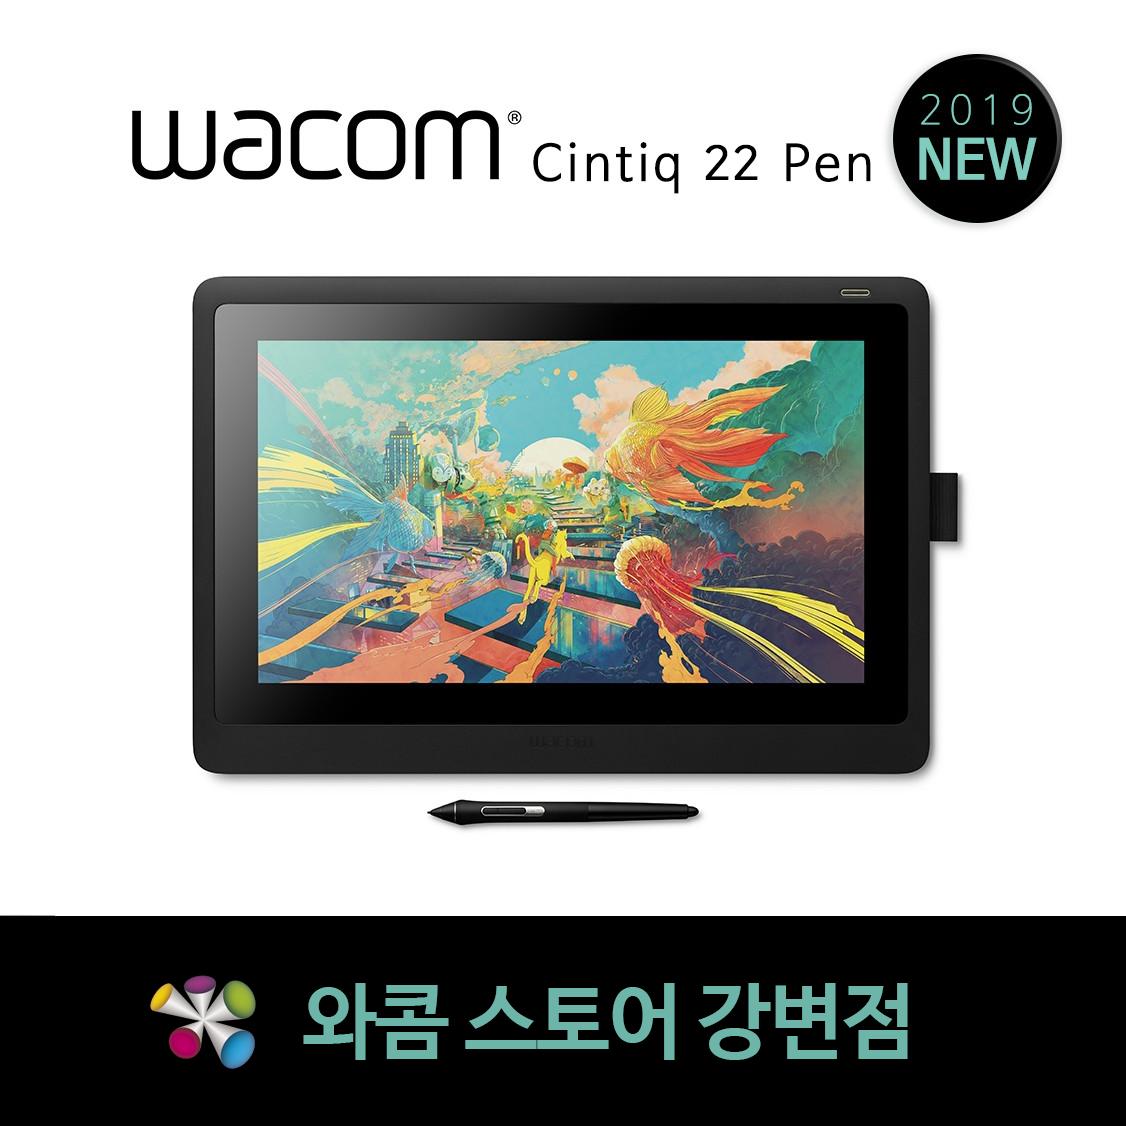 와콤 [와콤 스토어 강변] 신티크 22 HD 펜 DTK-2260 WACOM Cintiq 22HD 타블렛